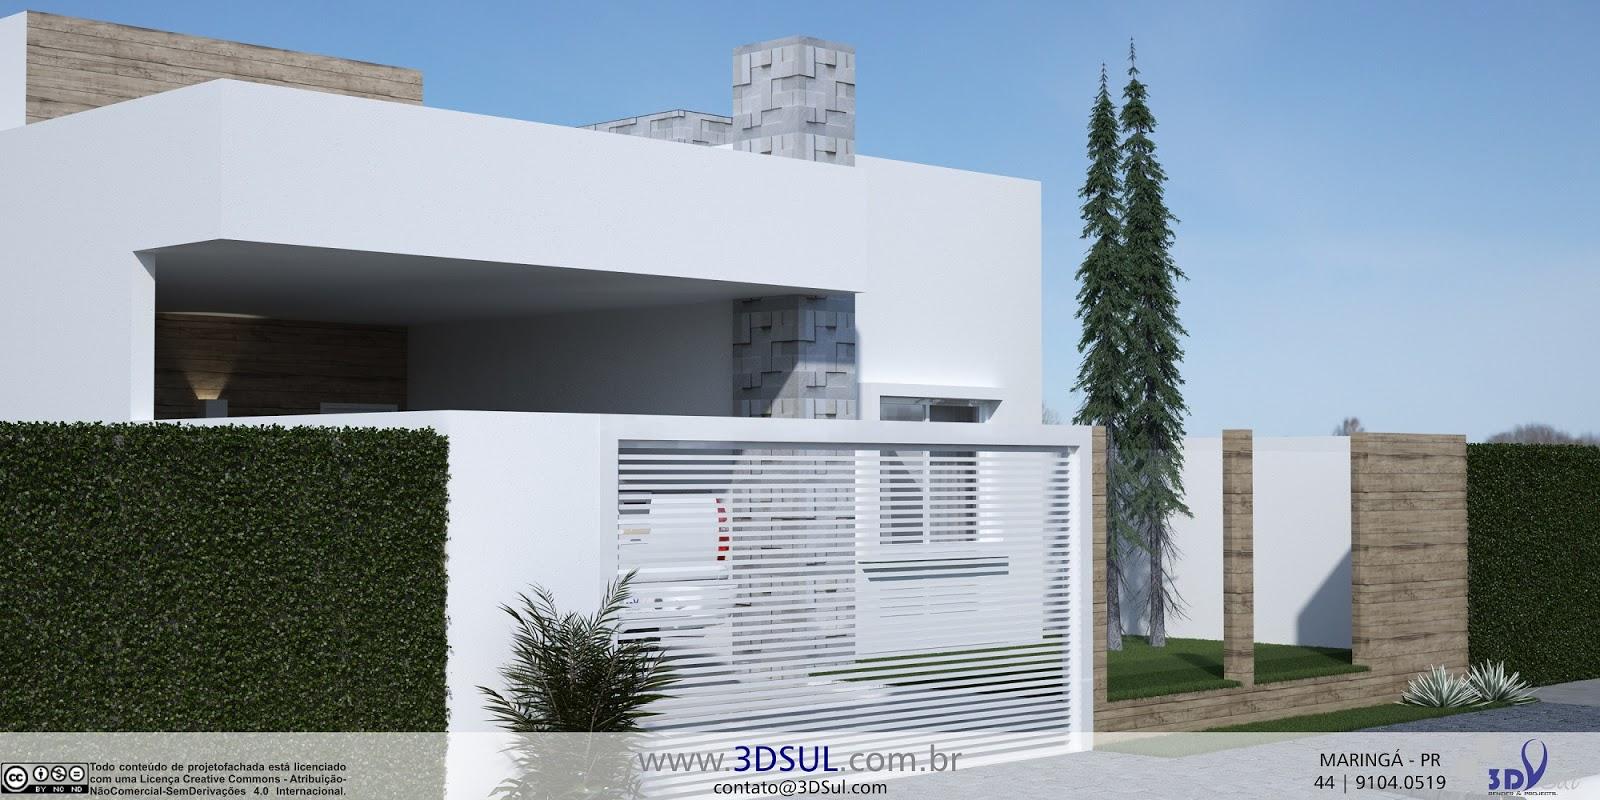 3dsul Maquete Eletr Nica 3d Arquitetura 3d Fachada